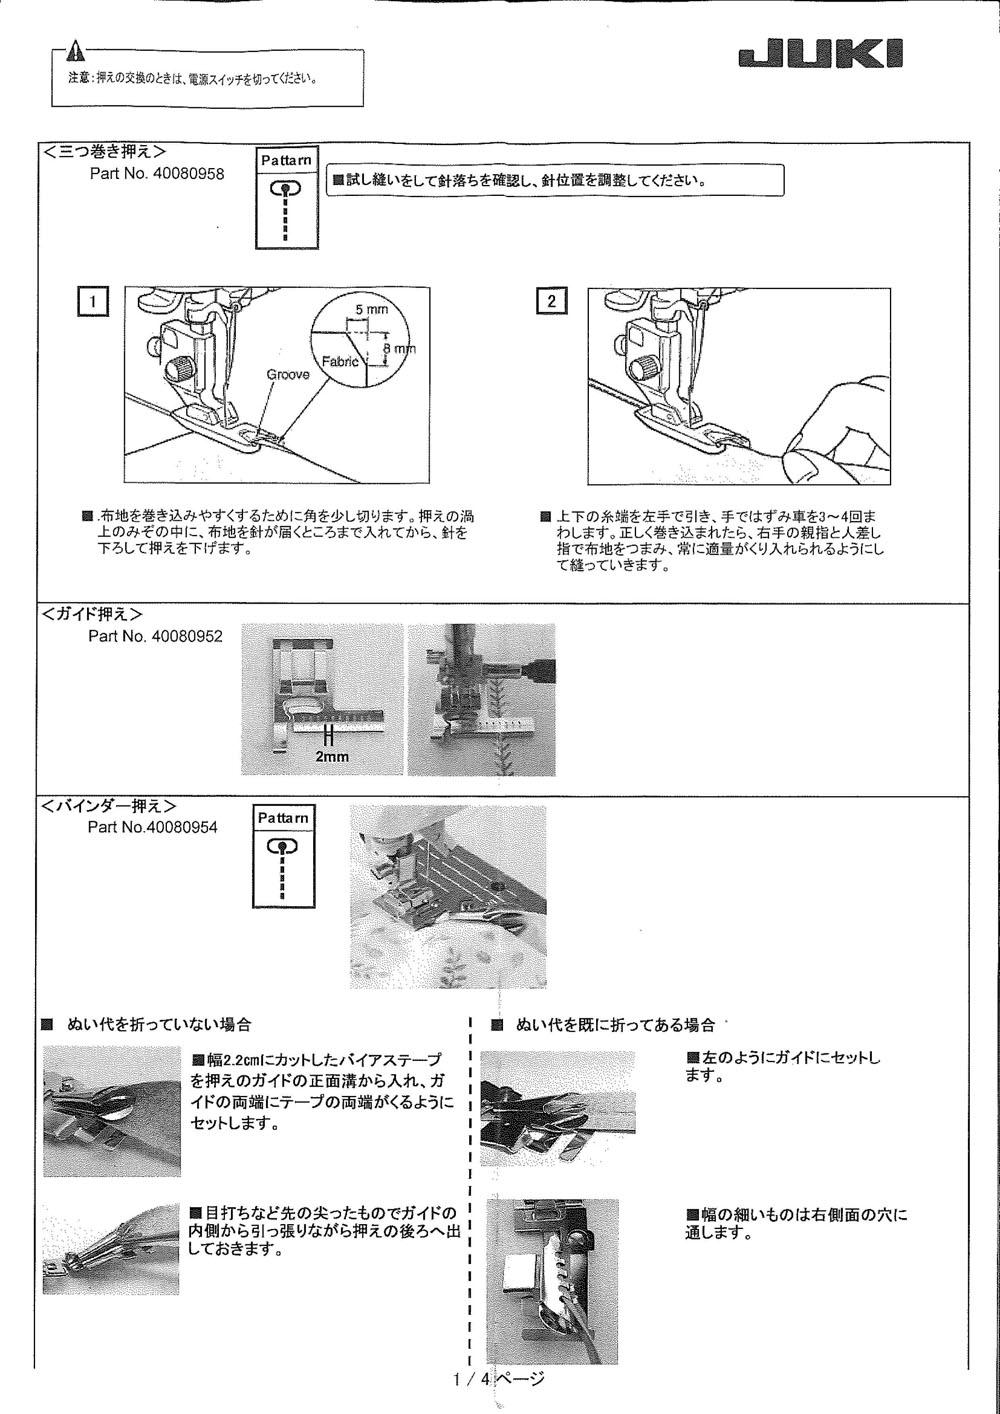 【送料無料】 ヘビーユーザーキット HZL-CX3